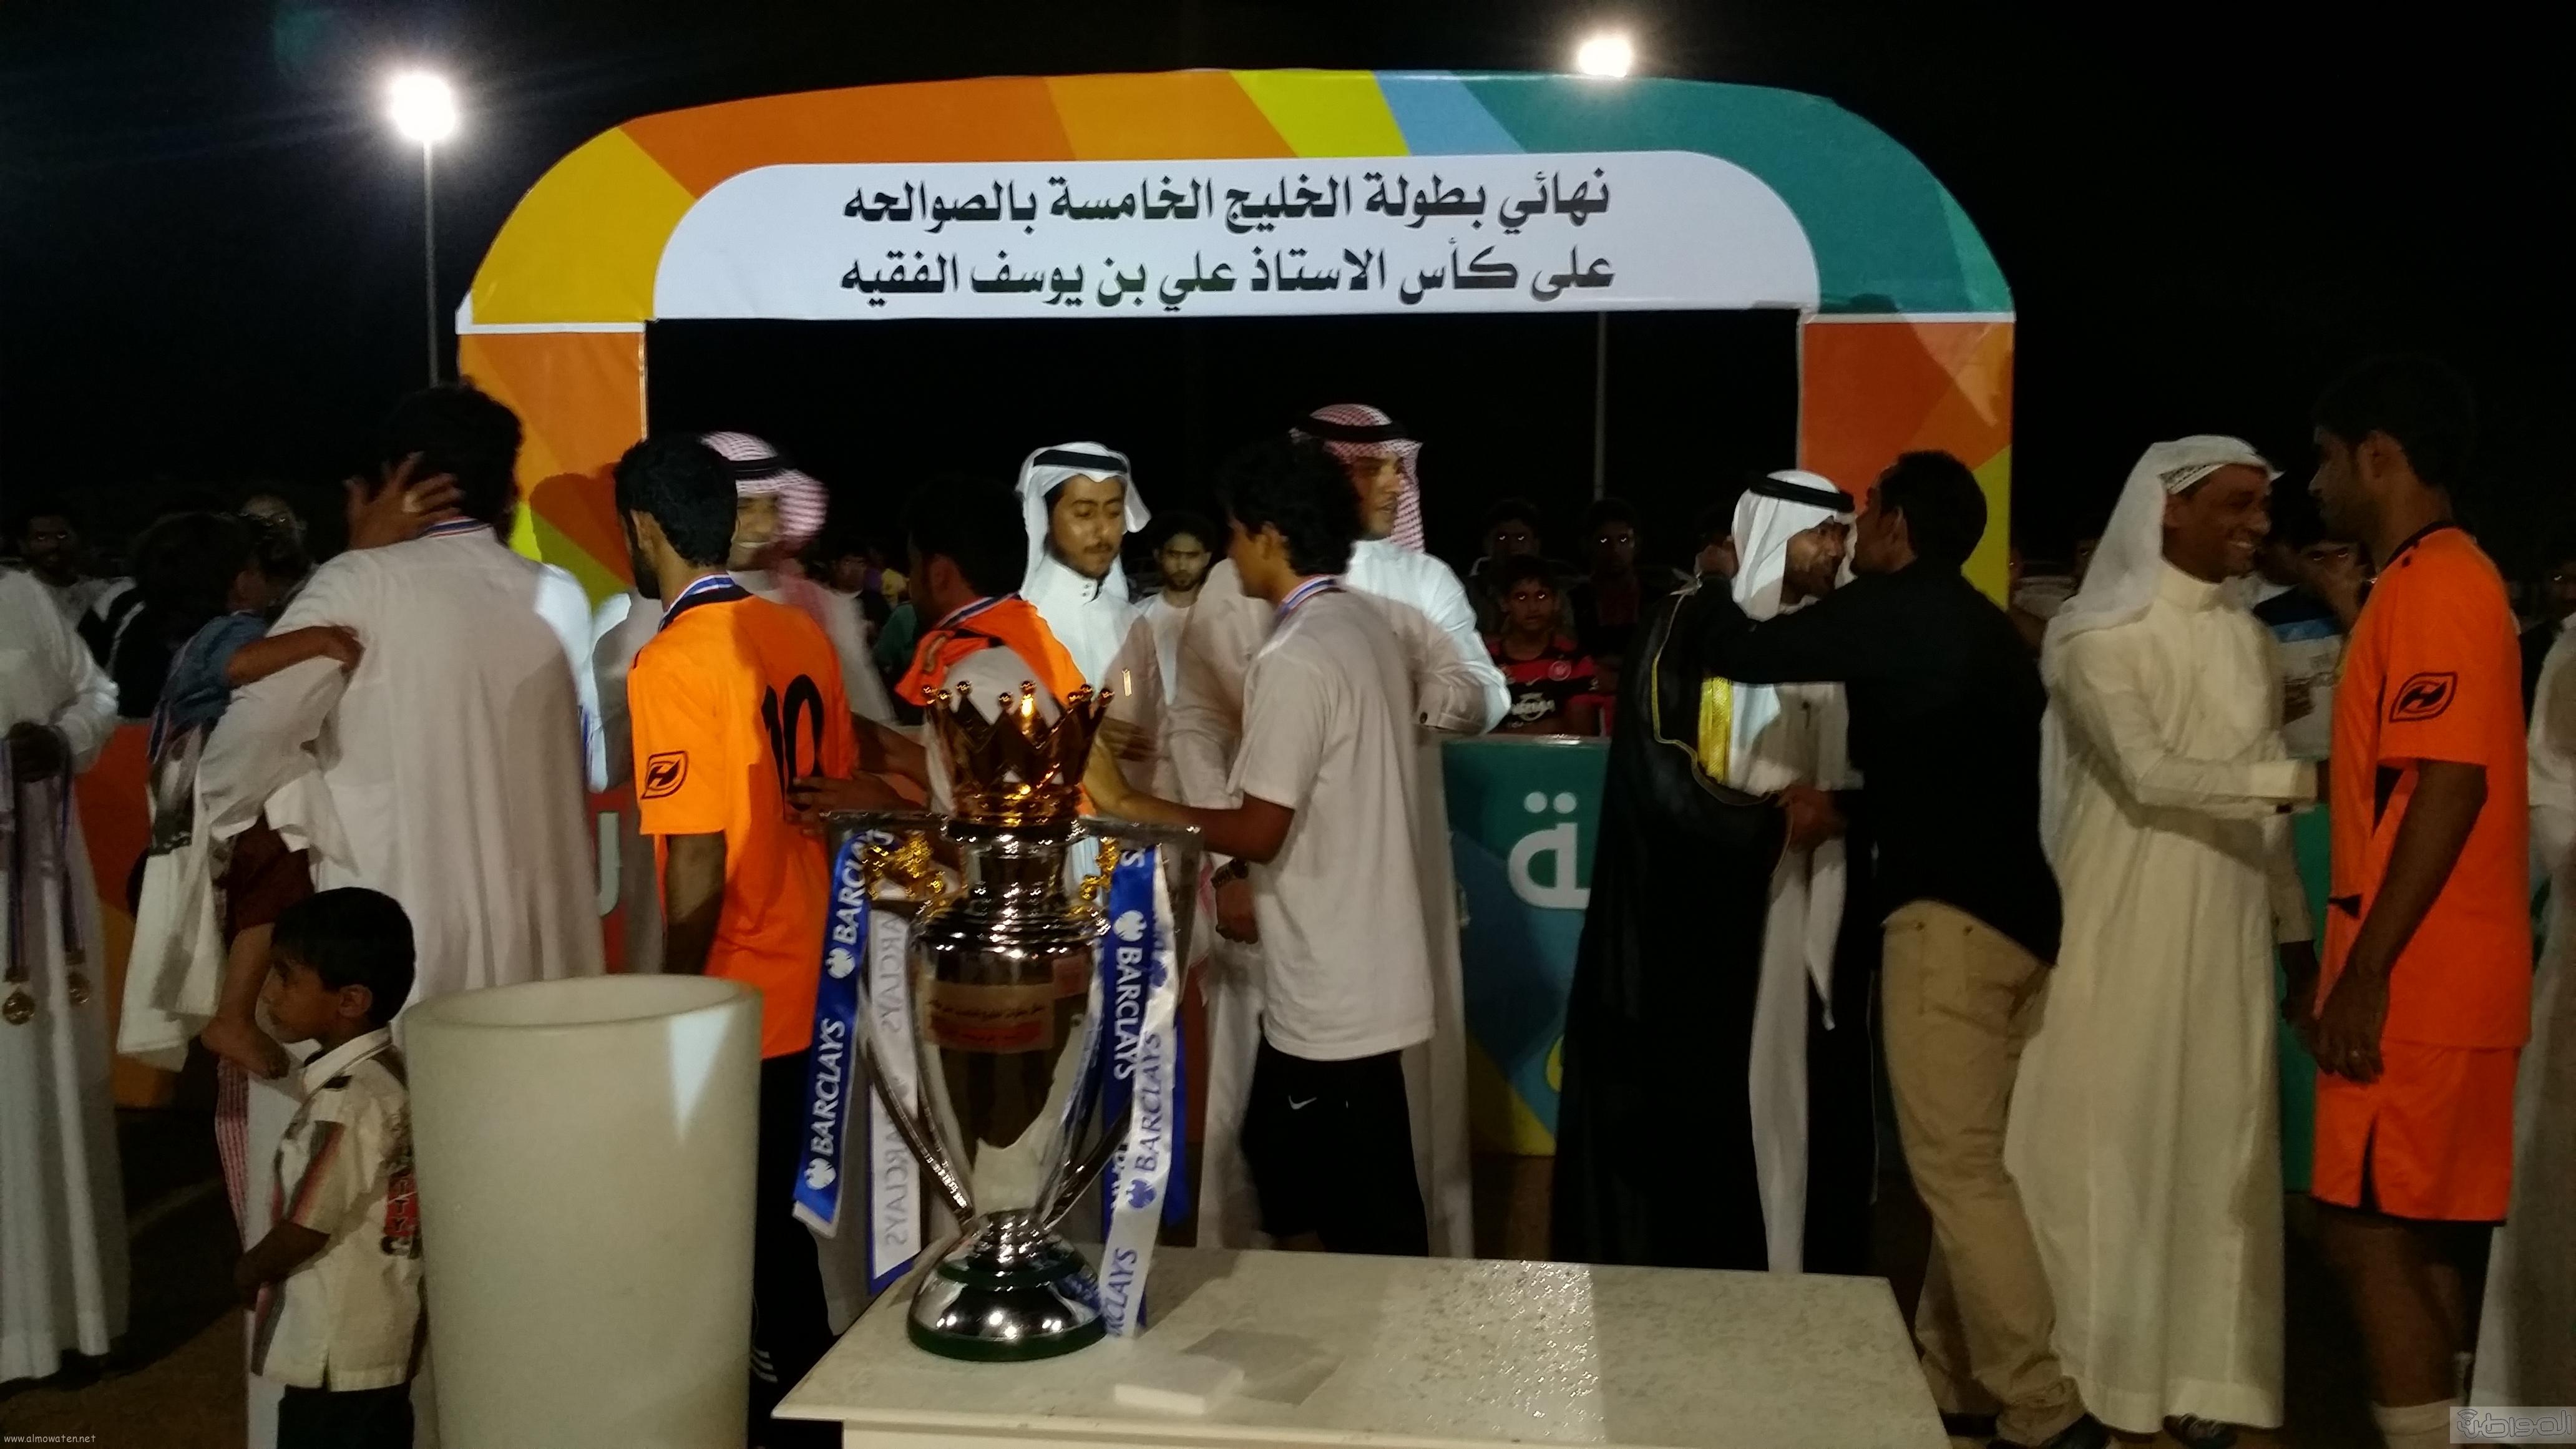 ساحل عسير السحاب يتوّج بطل لدورة الخليج الخامسة (3)